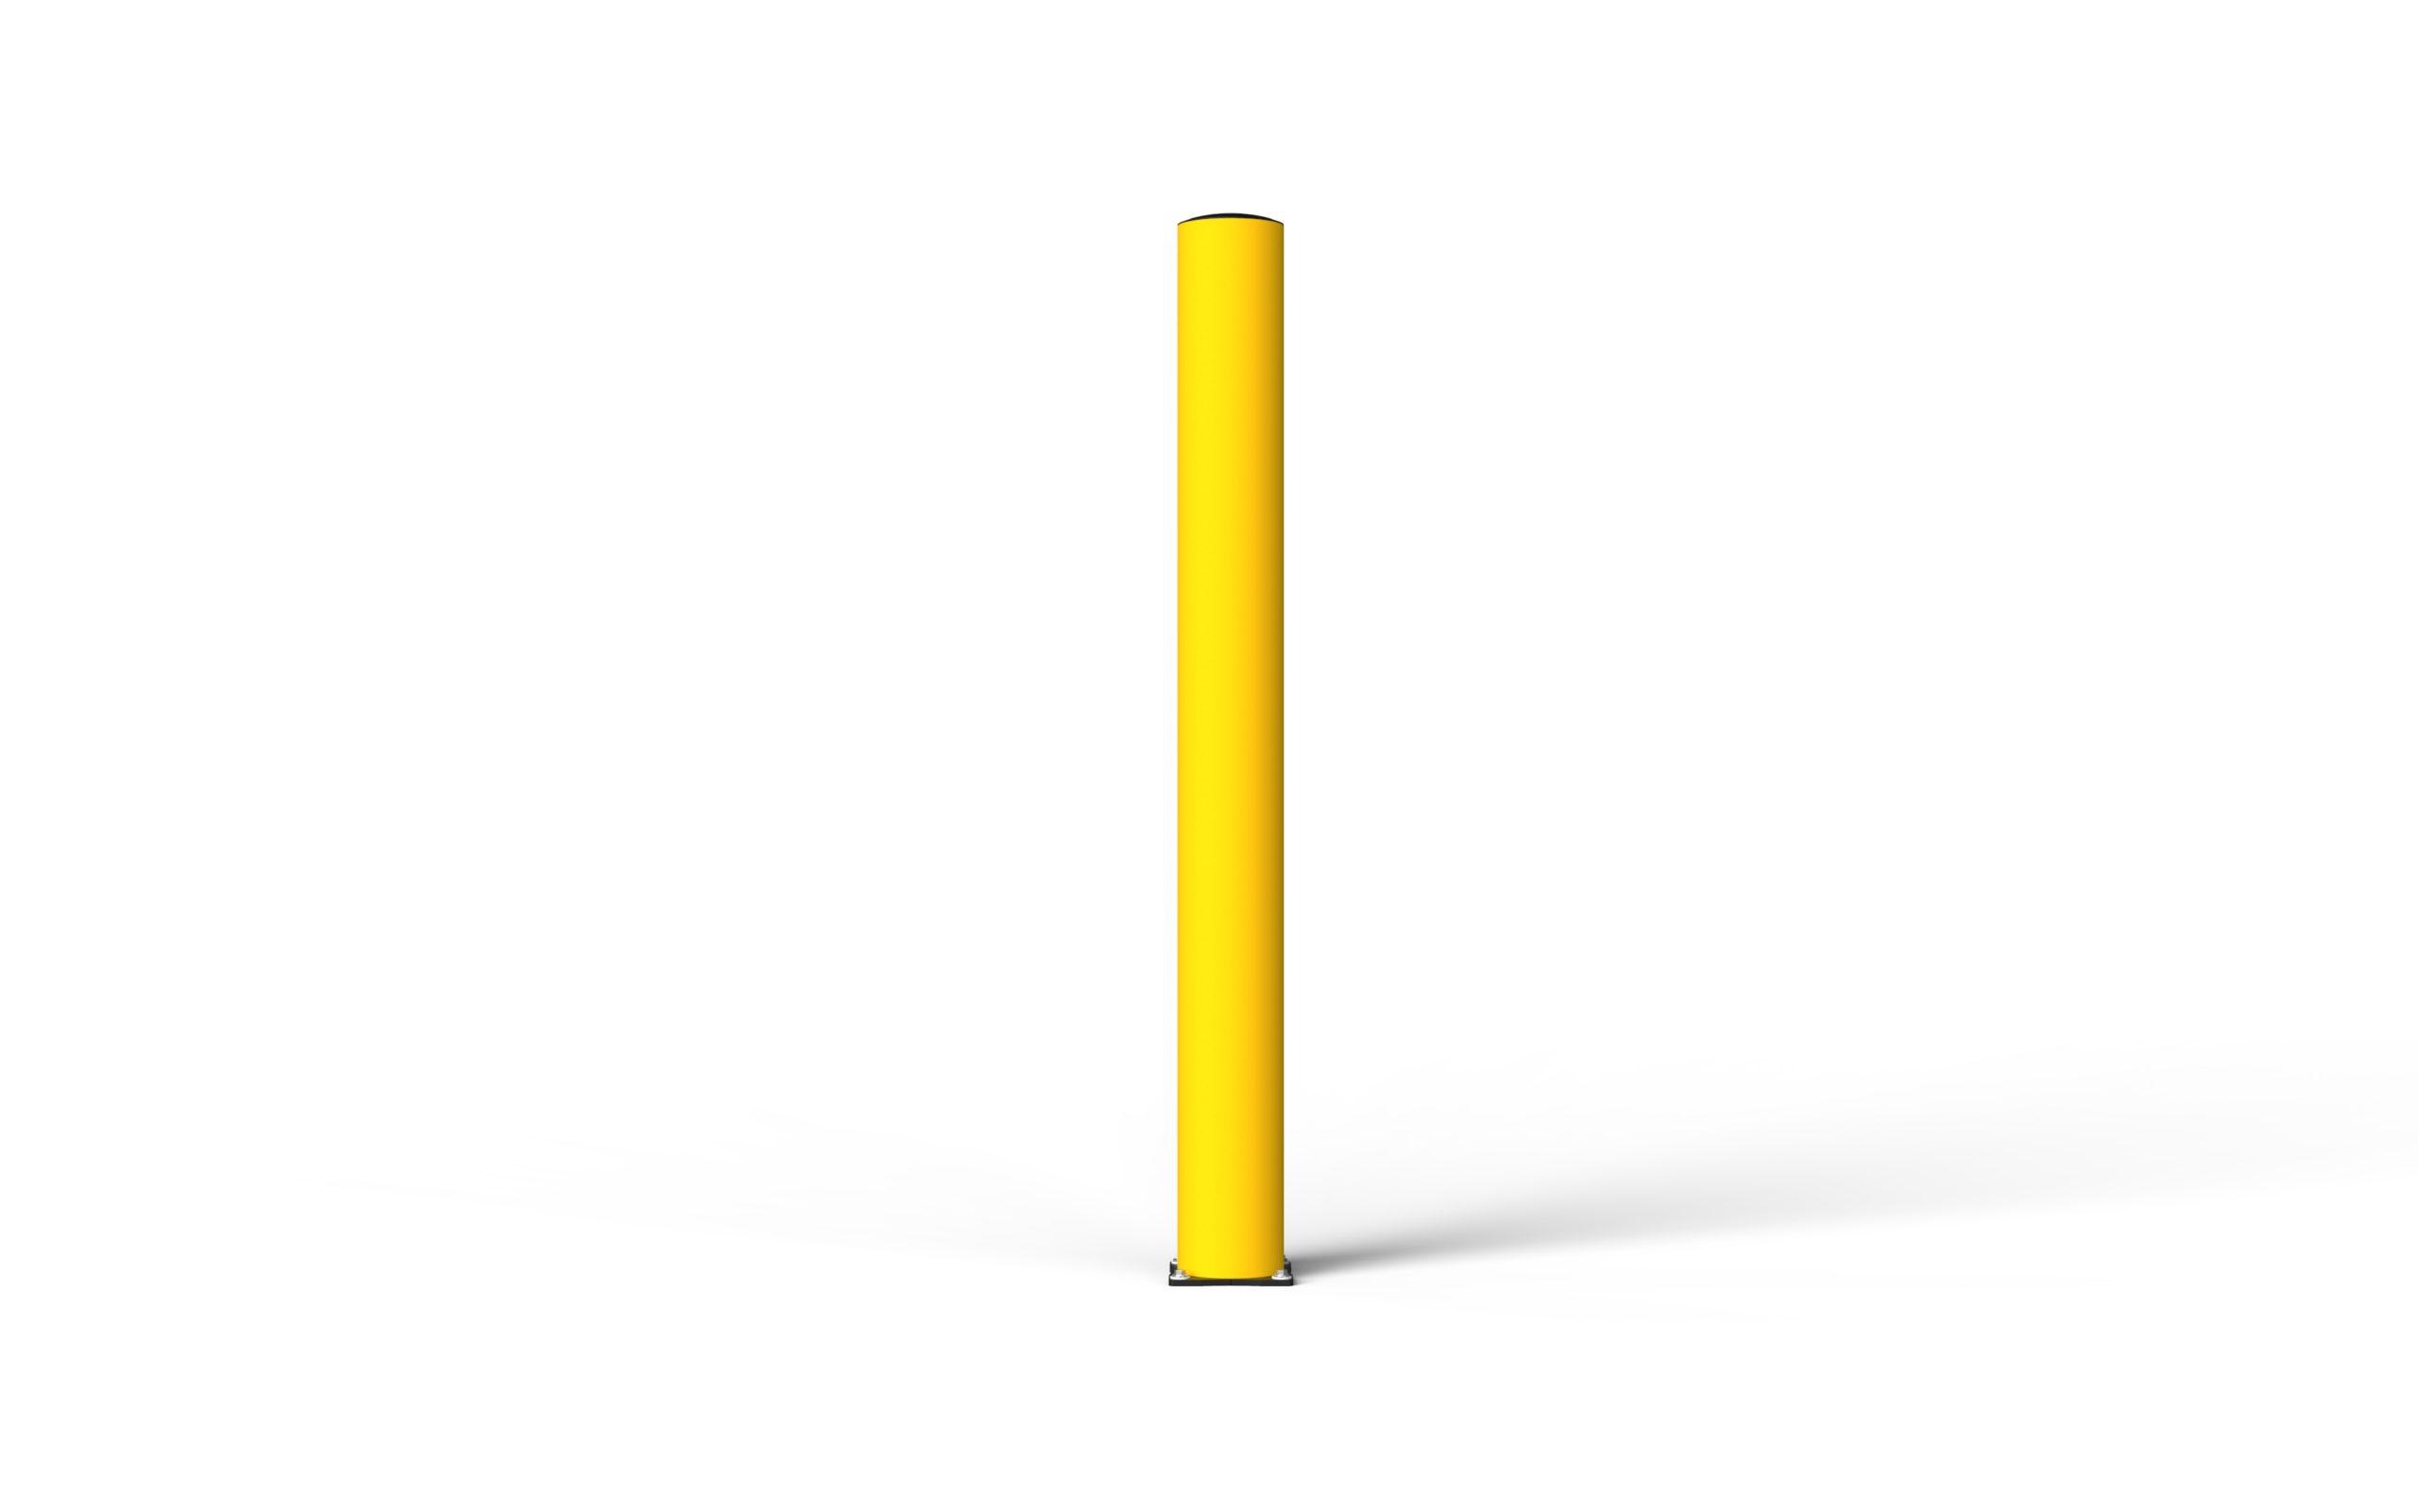 Schutzpoller boplan® BO Impact Ø200 – Höhe 2000 mm – gelb mit galvanisch verzinkter Bodenplatte